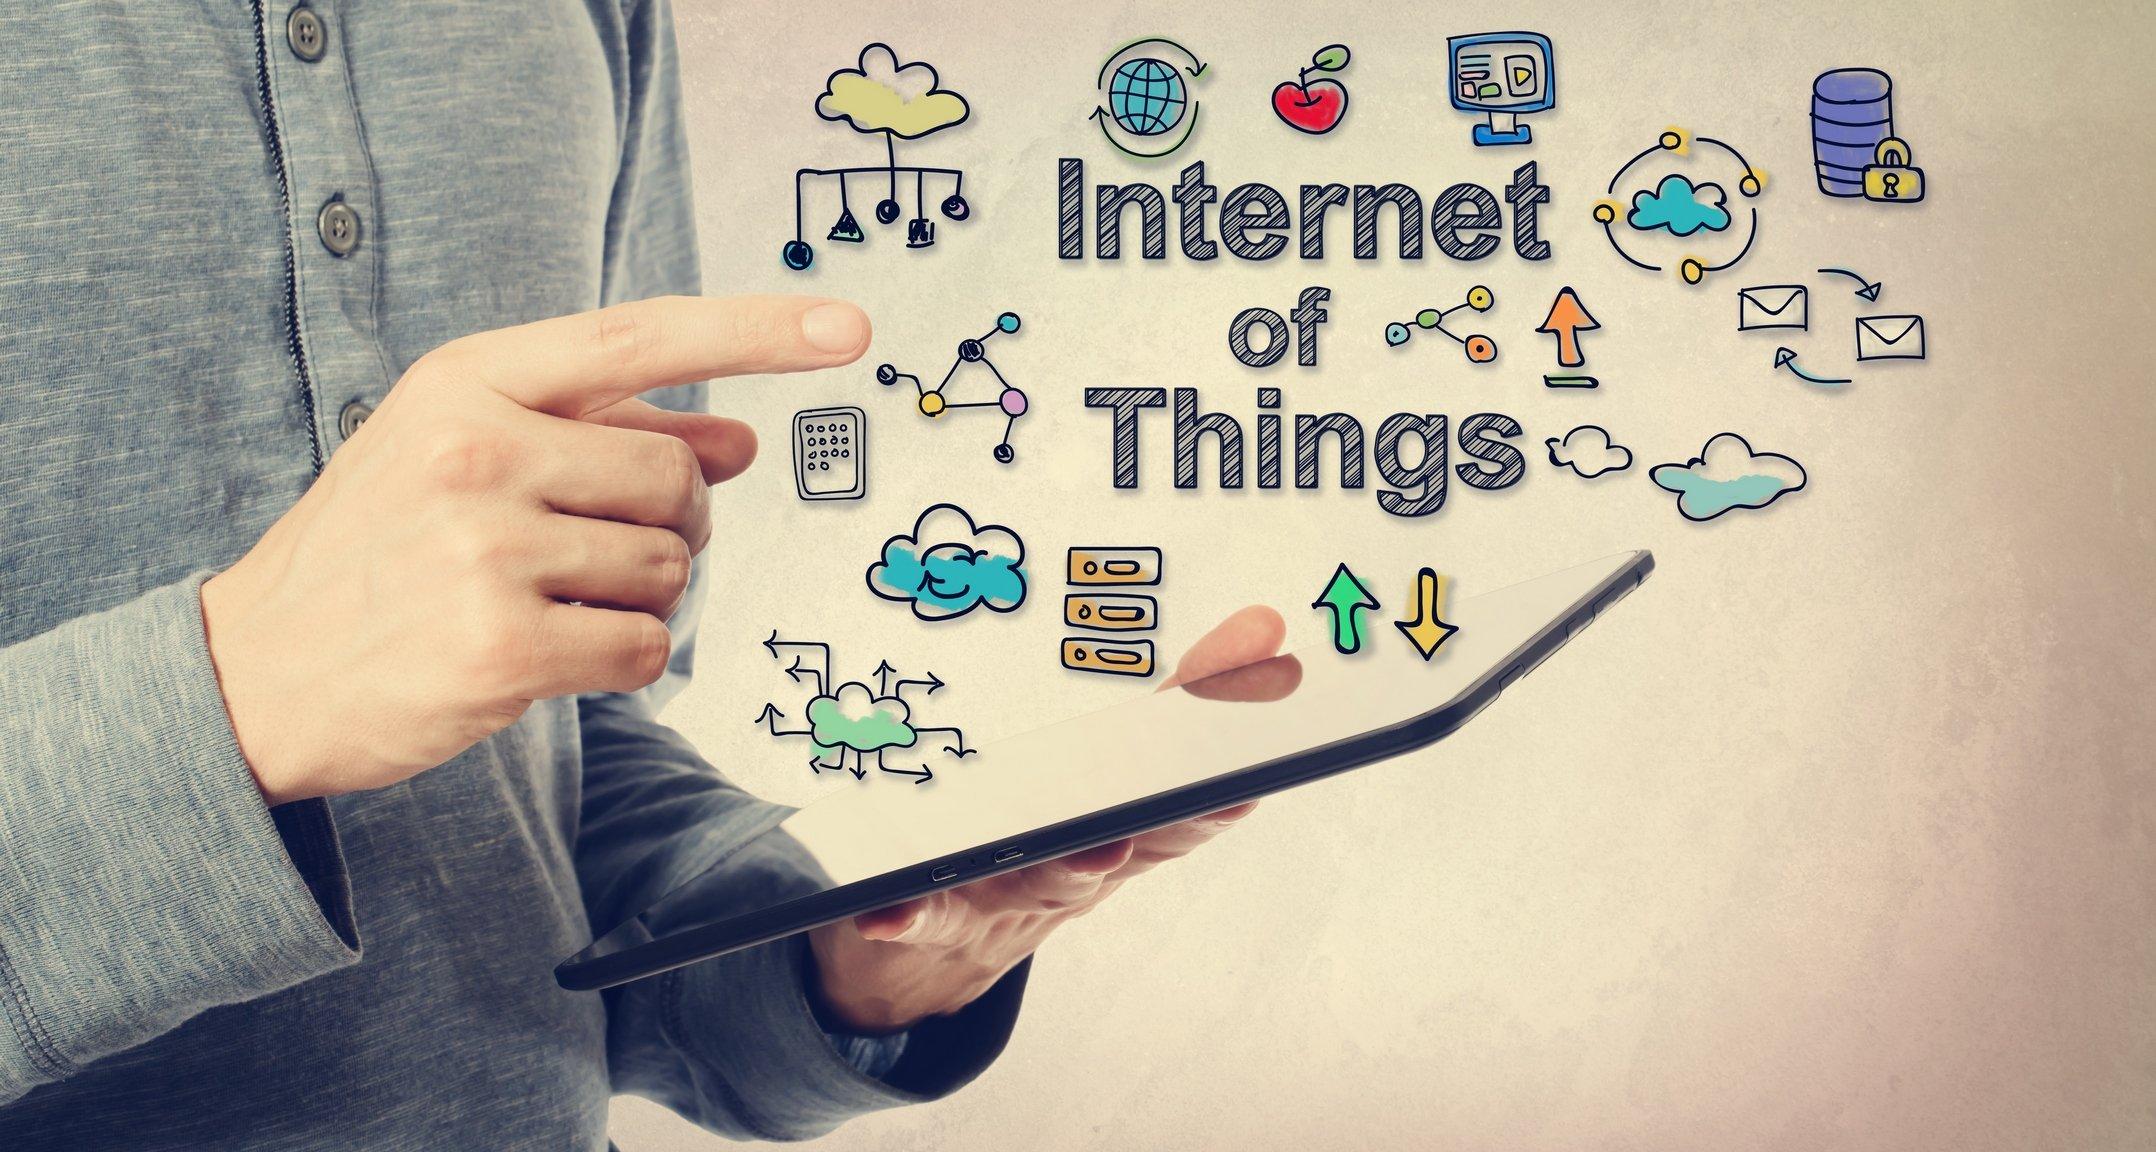 Интернет вещей  виртуальное благоденствие и реальные риски 8767e075f68